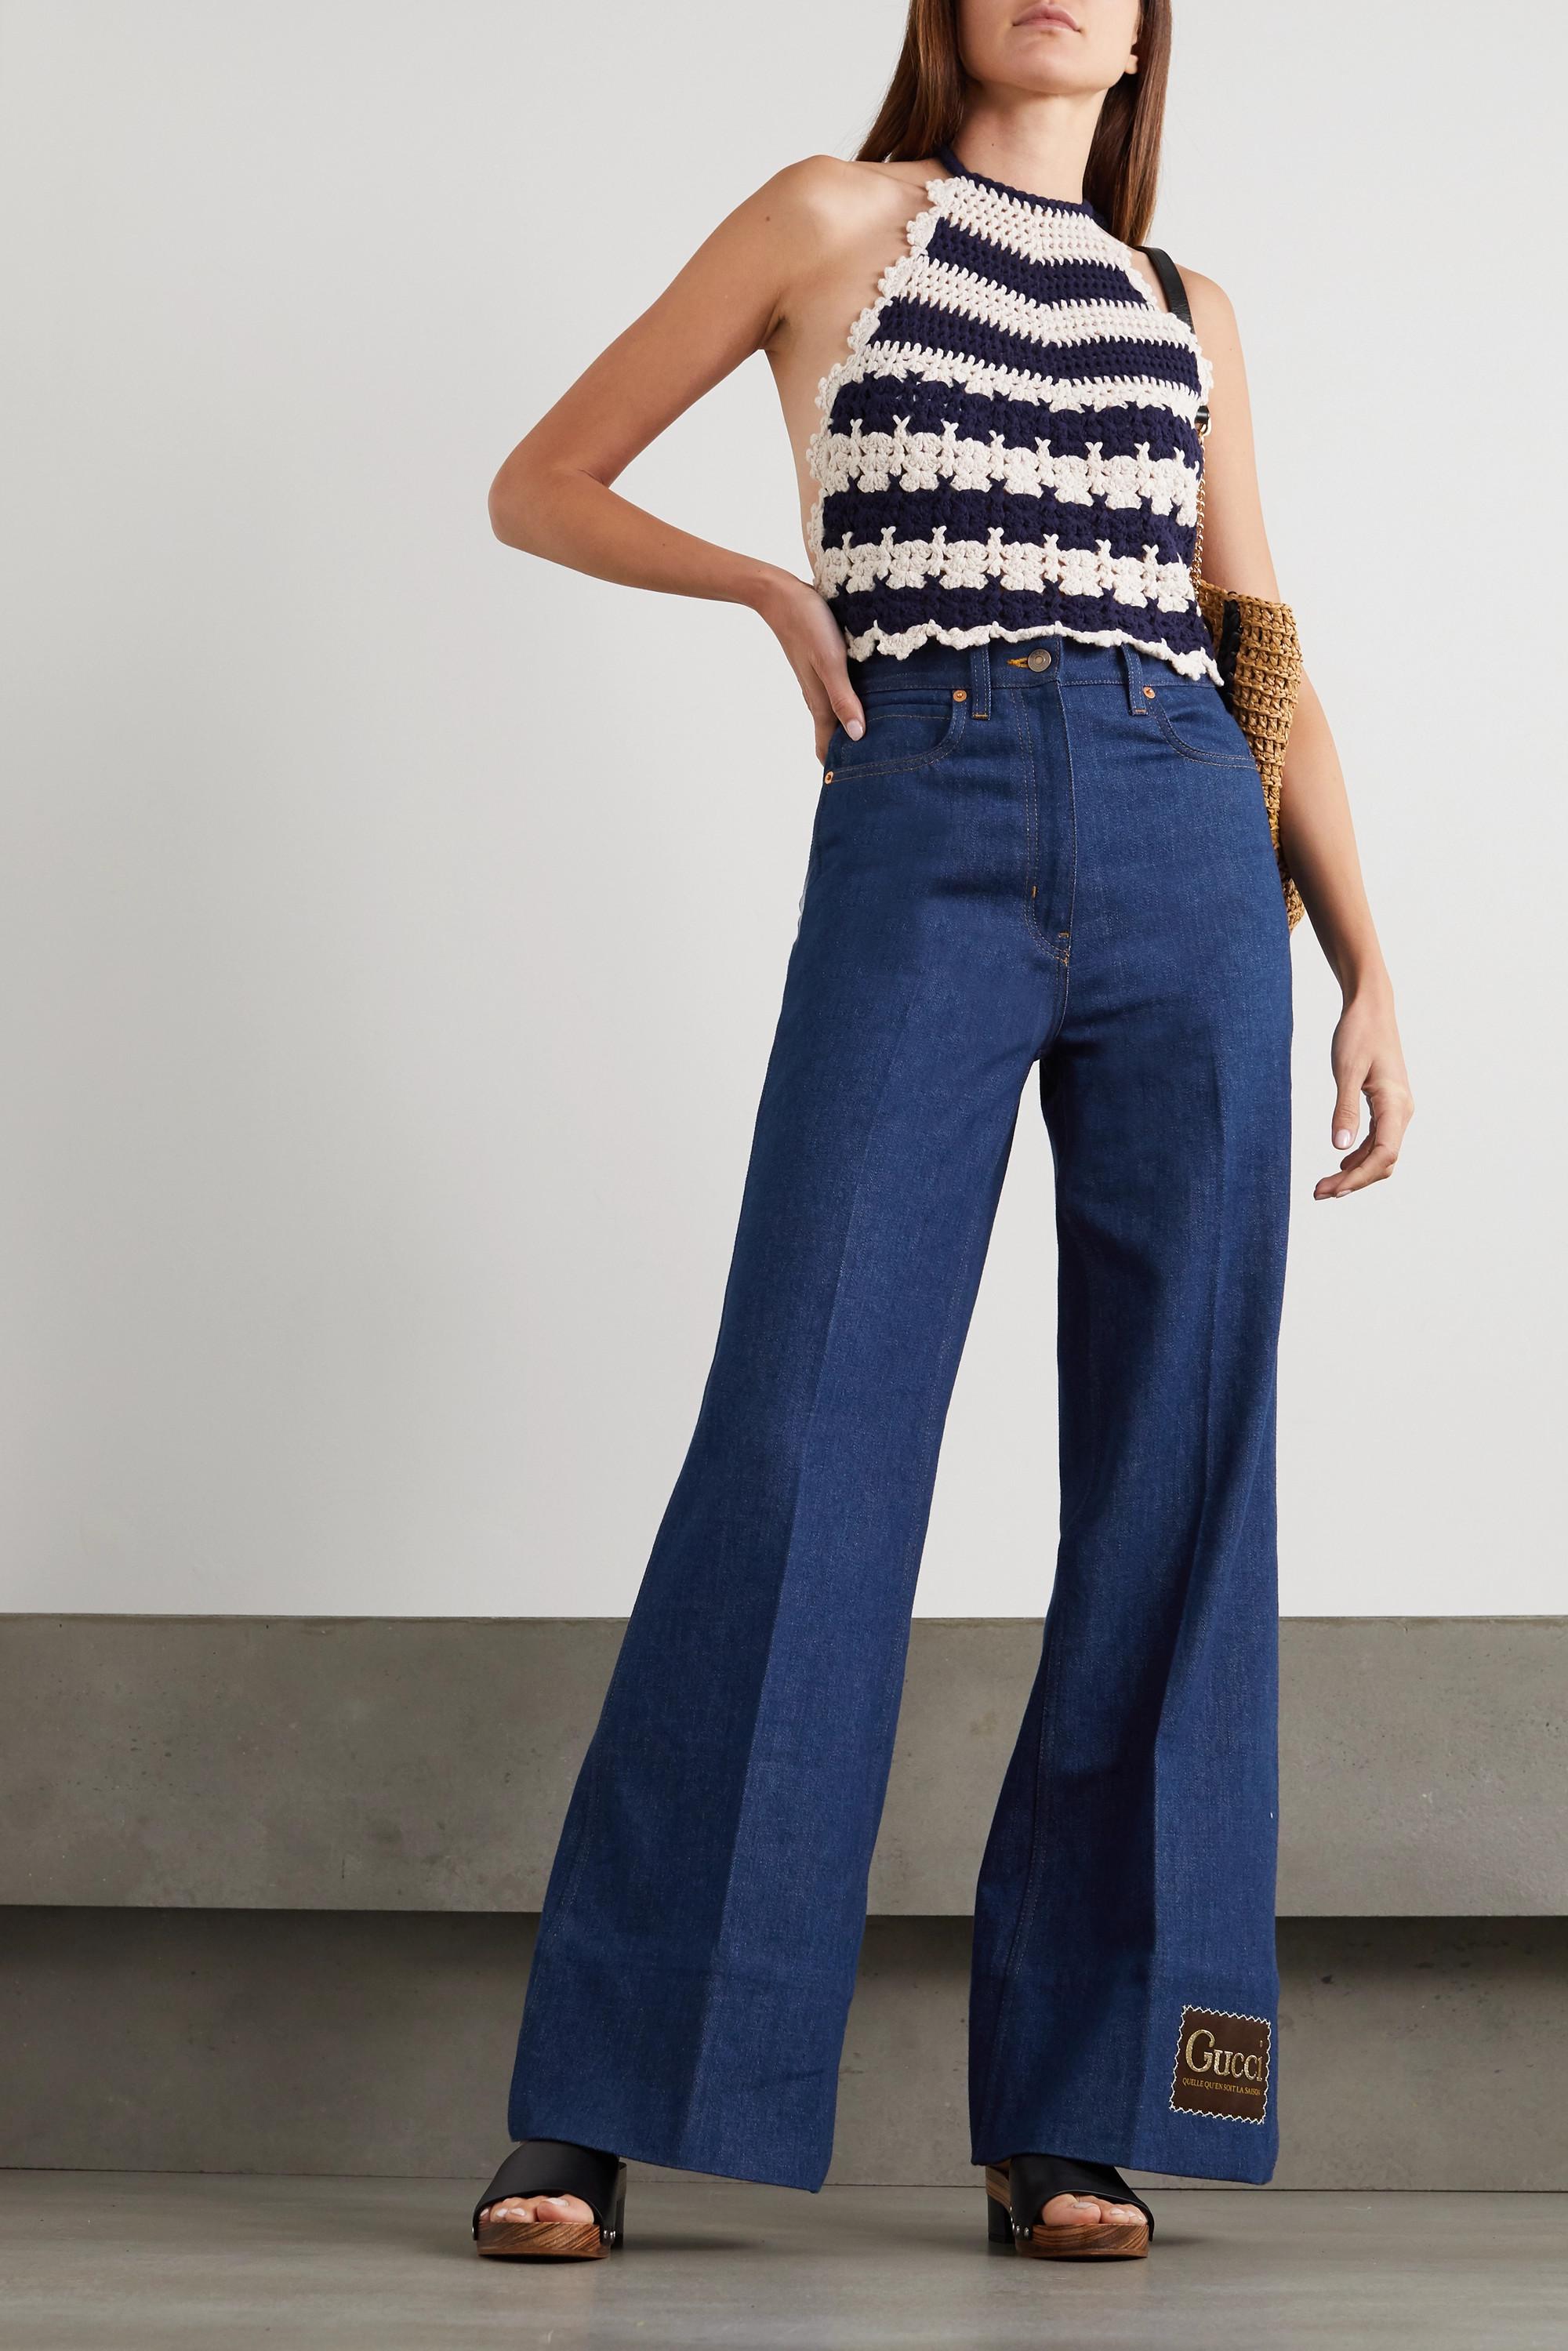 Gucci Rückenfreies Neckholder-Oberteil aus gehäkelter Wolle mit Streifen und Applikation